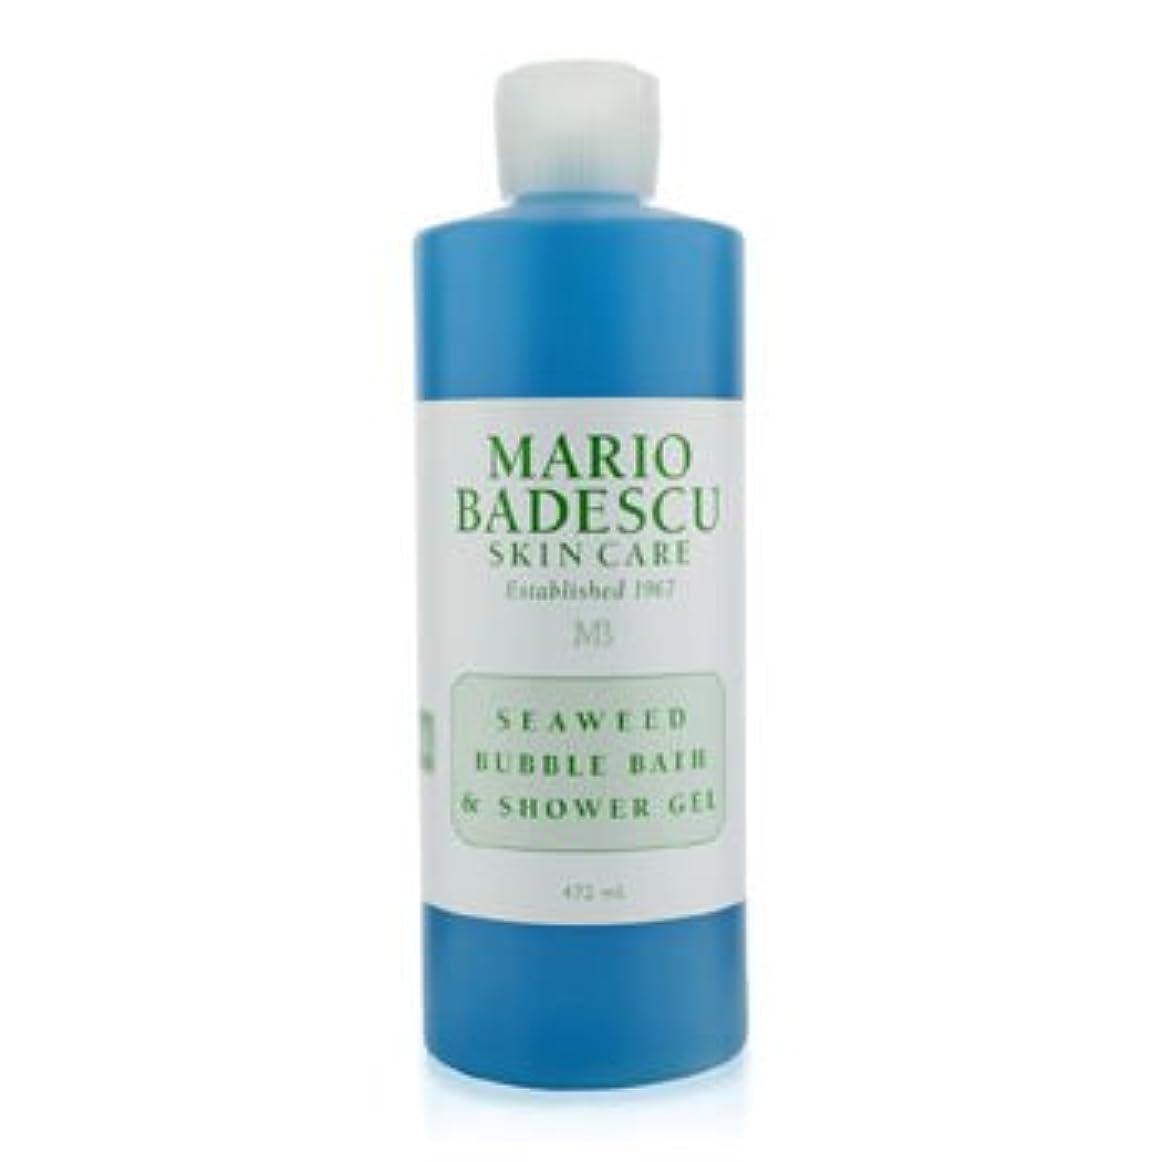 ケージ親指高齢者[Mario Badescu] Seaweed Bubble Bath & Shower Gel 472ml/16oz